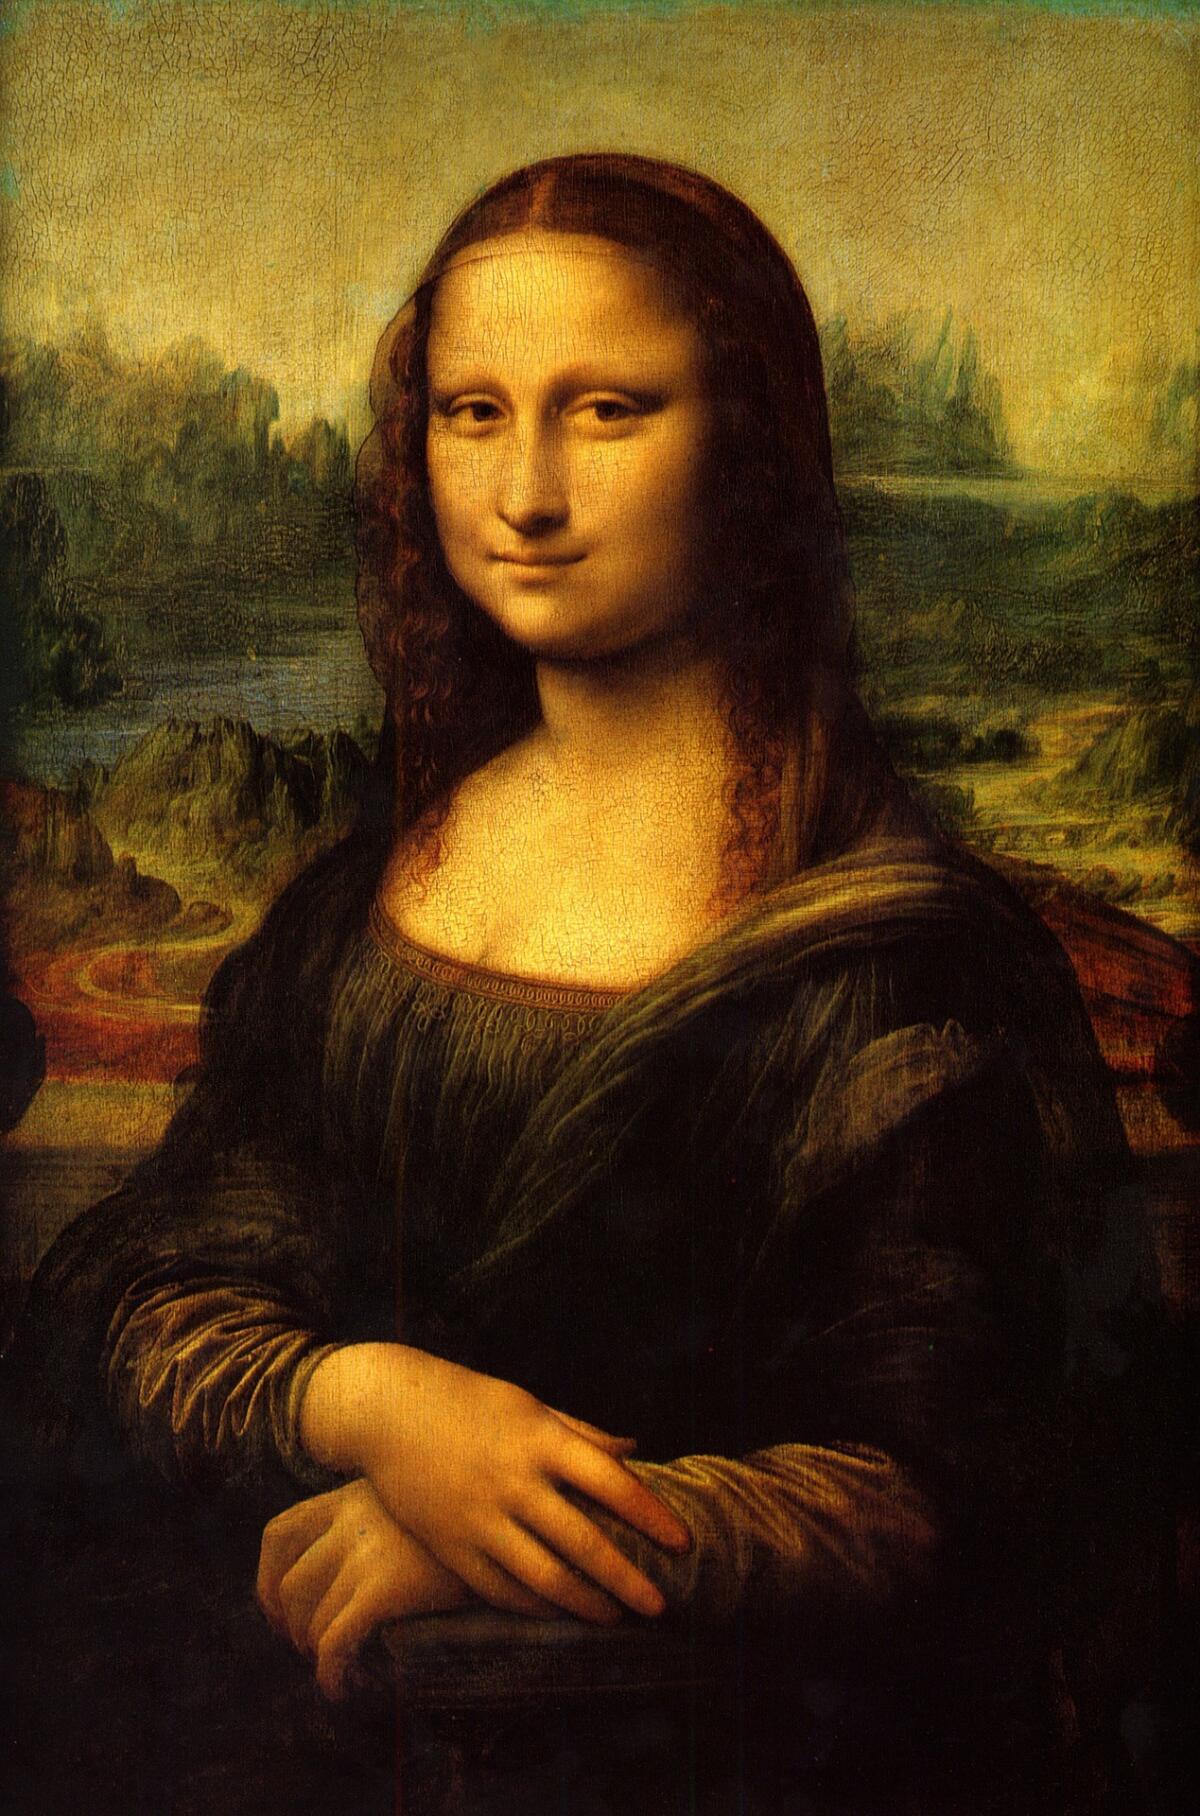 Правая половина лица Мона Лизы улыбается, а левая выражает нейтральные или негативные эмоции